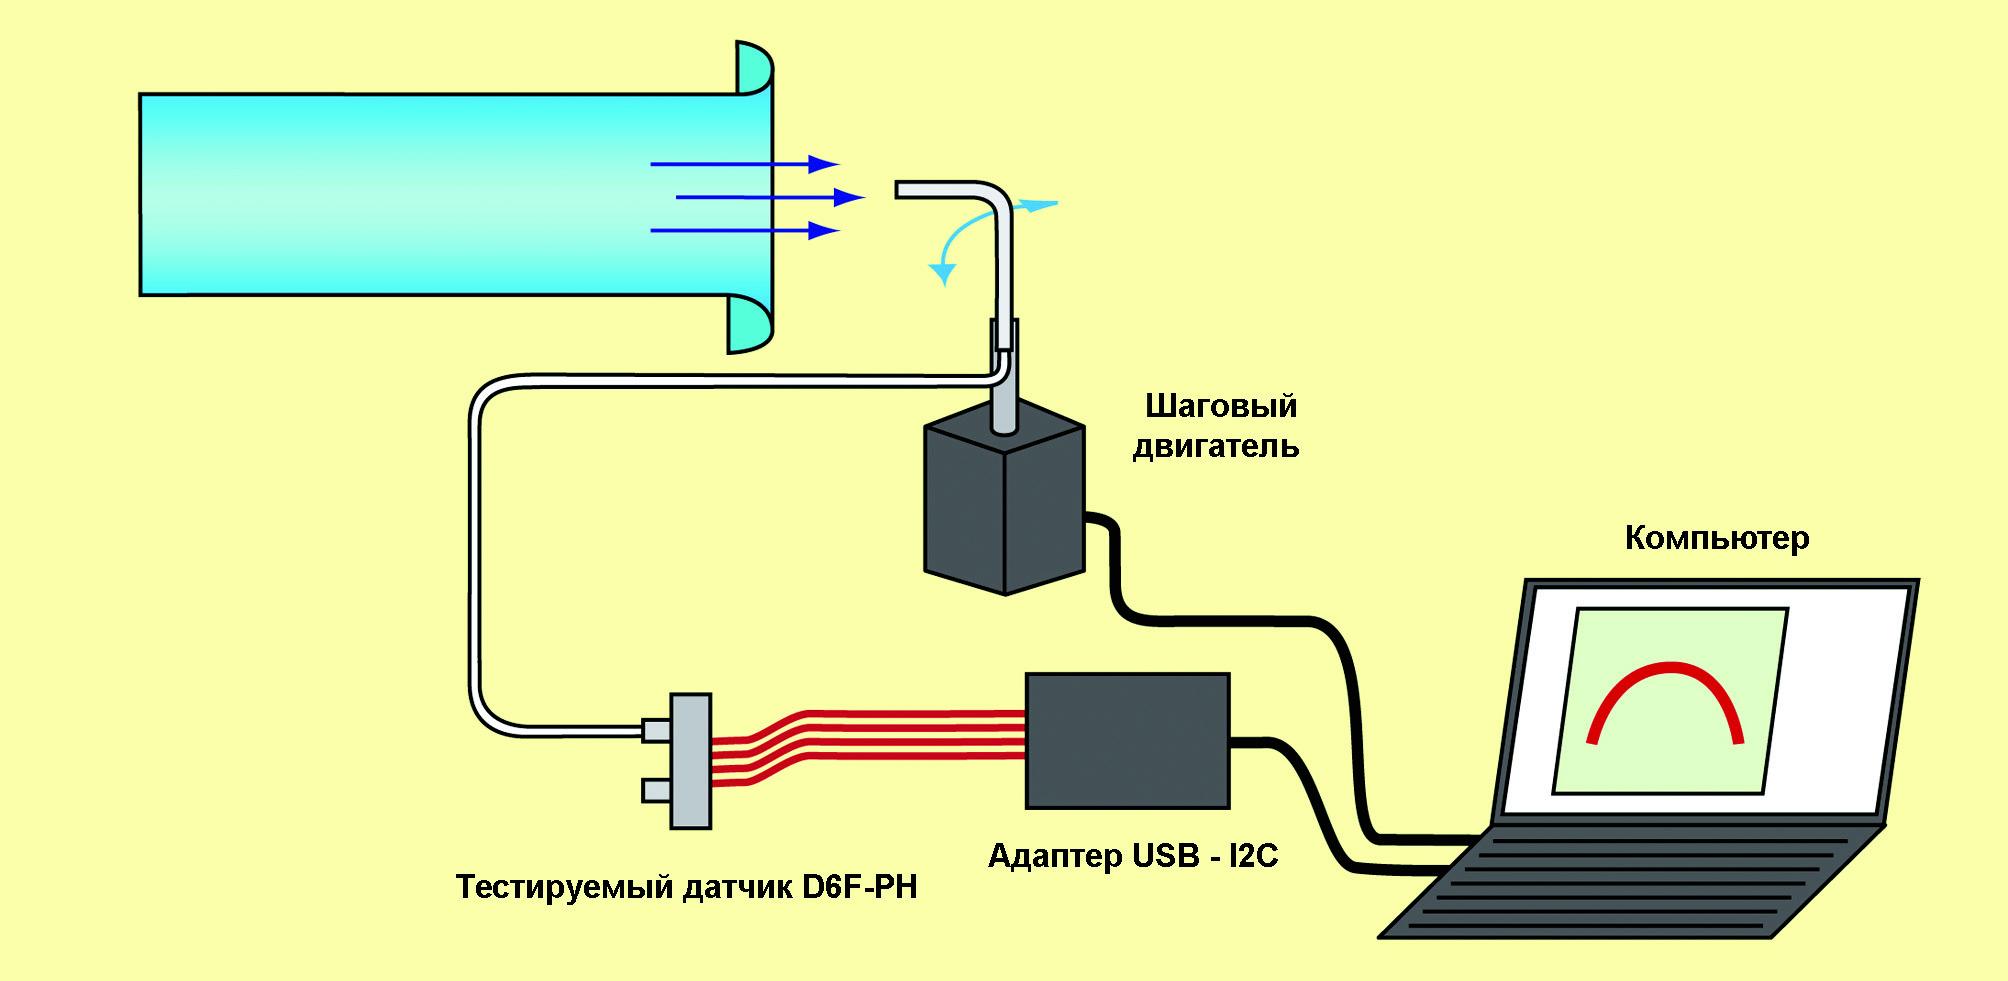 Рис. 11. Схема лабораторной установки для исследования воздушного потока пневмометрическим методом с помощью датчика D6F–PH